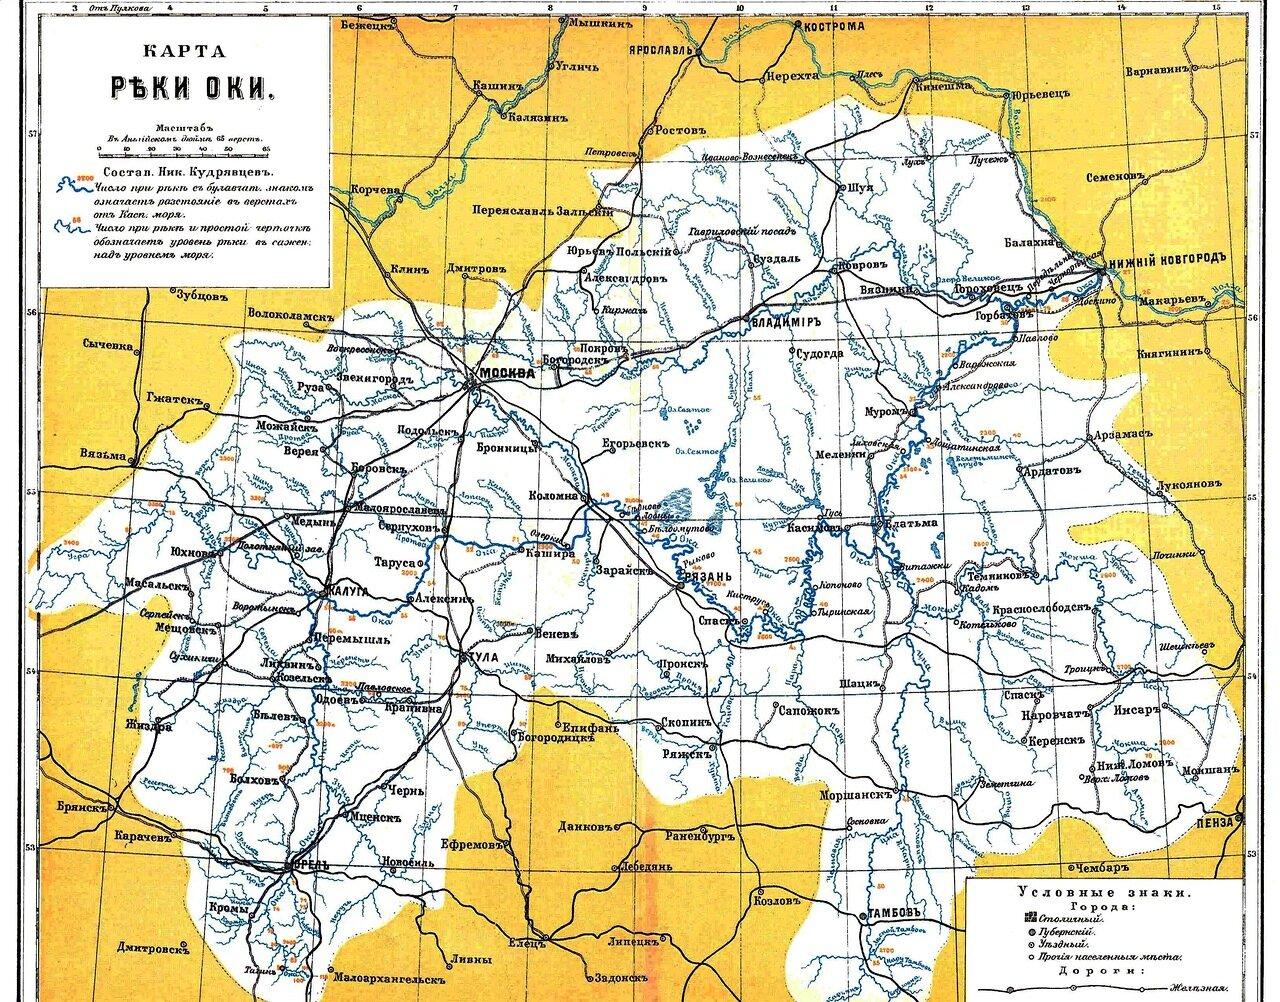 Карта реки Ока